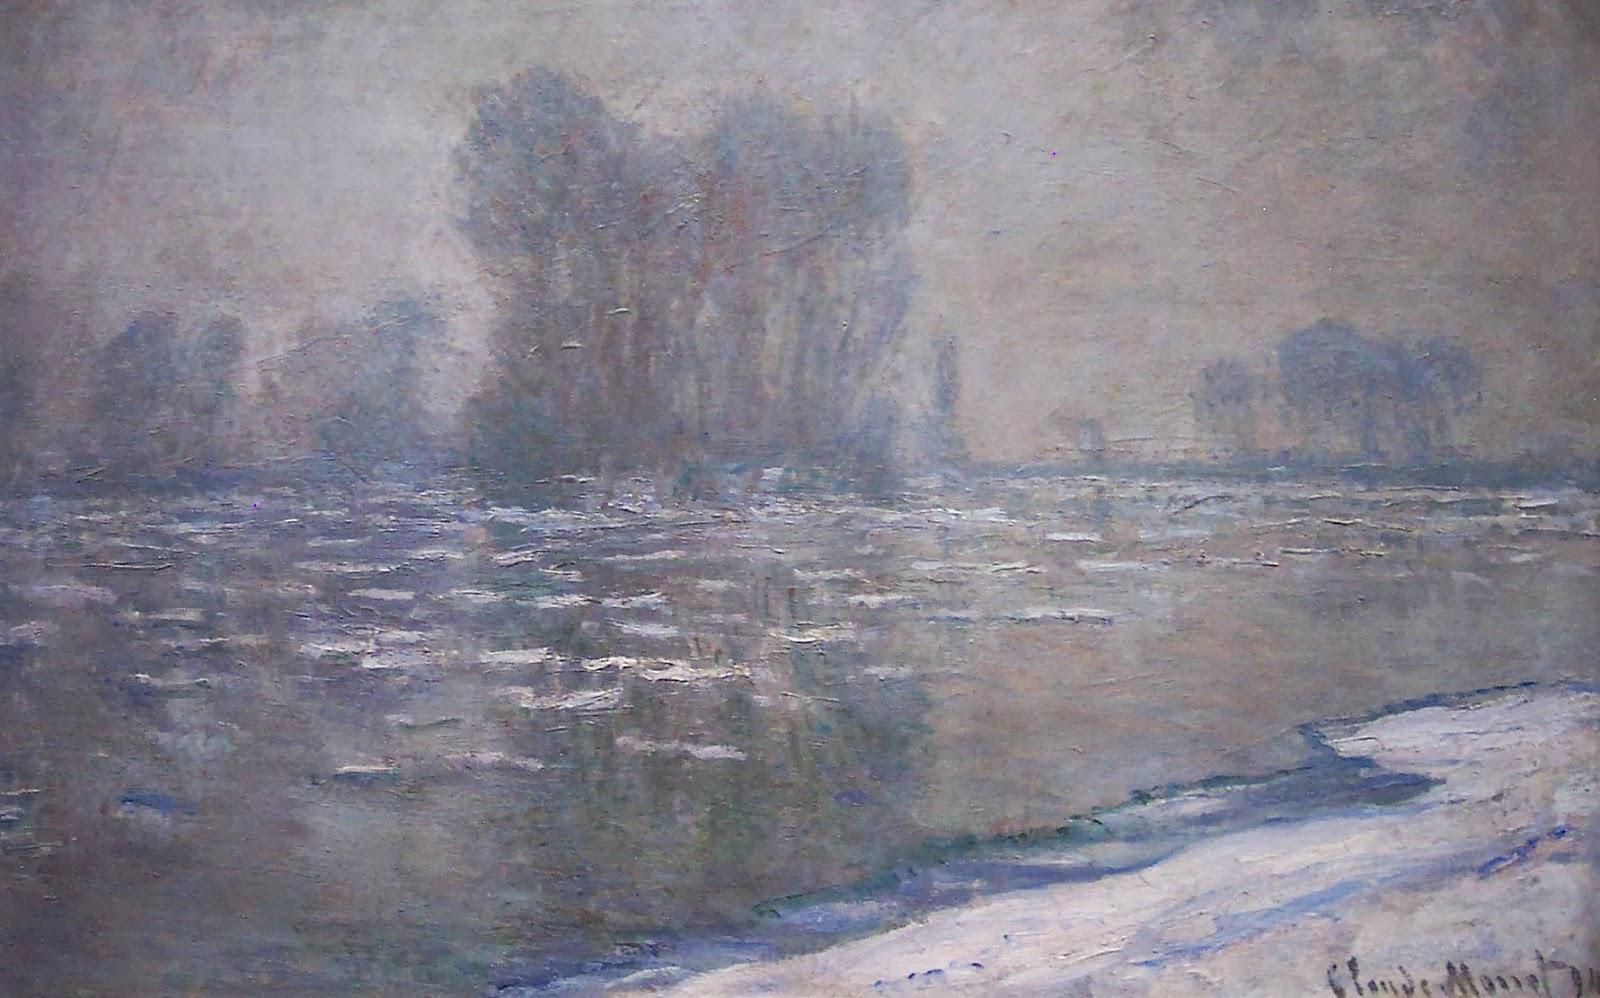 речной пейзаж Лёд на реке, туманное утро :: Клод Моне, описание картины - Claude Monet фото